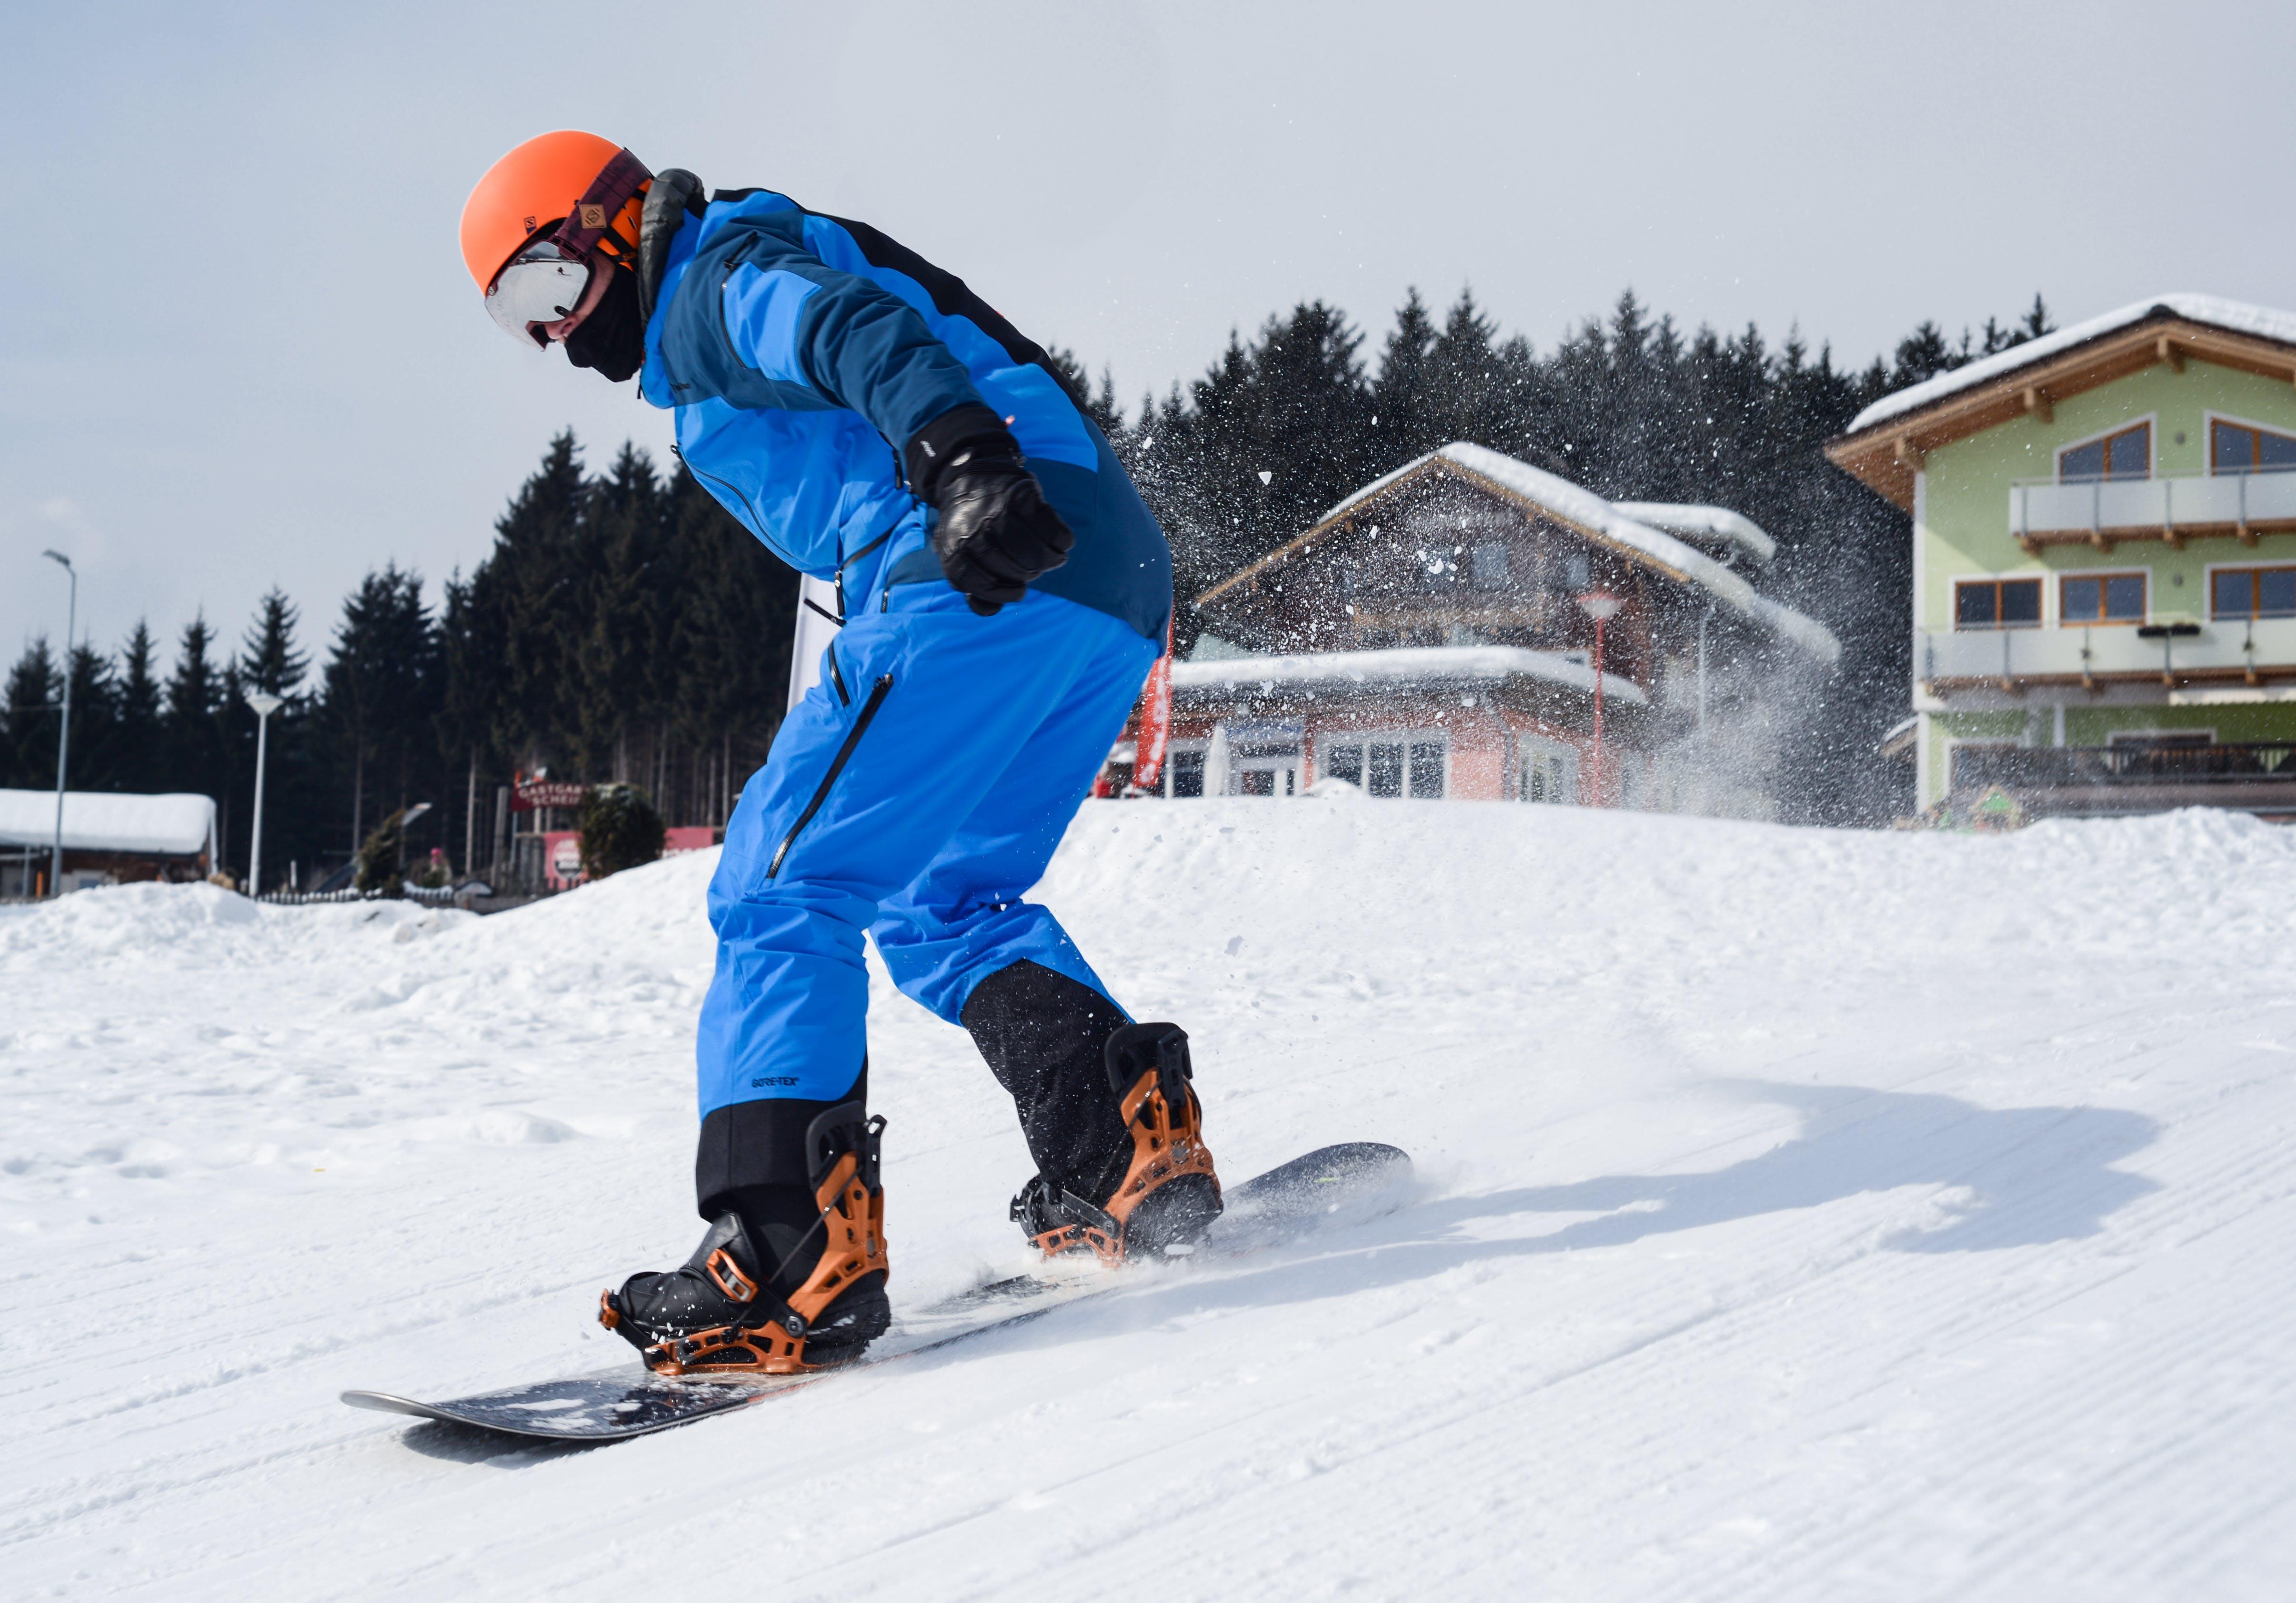 アクション, コールド, ゴーグル, スキーヤーの無料の写真素材